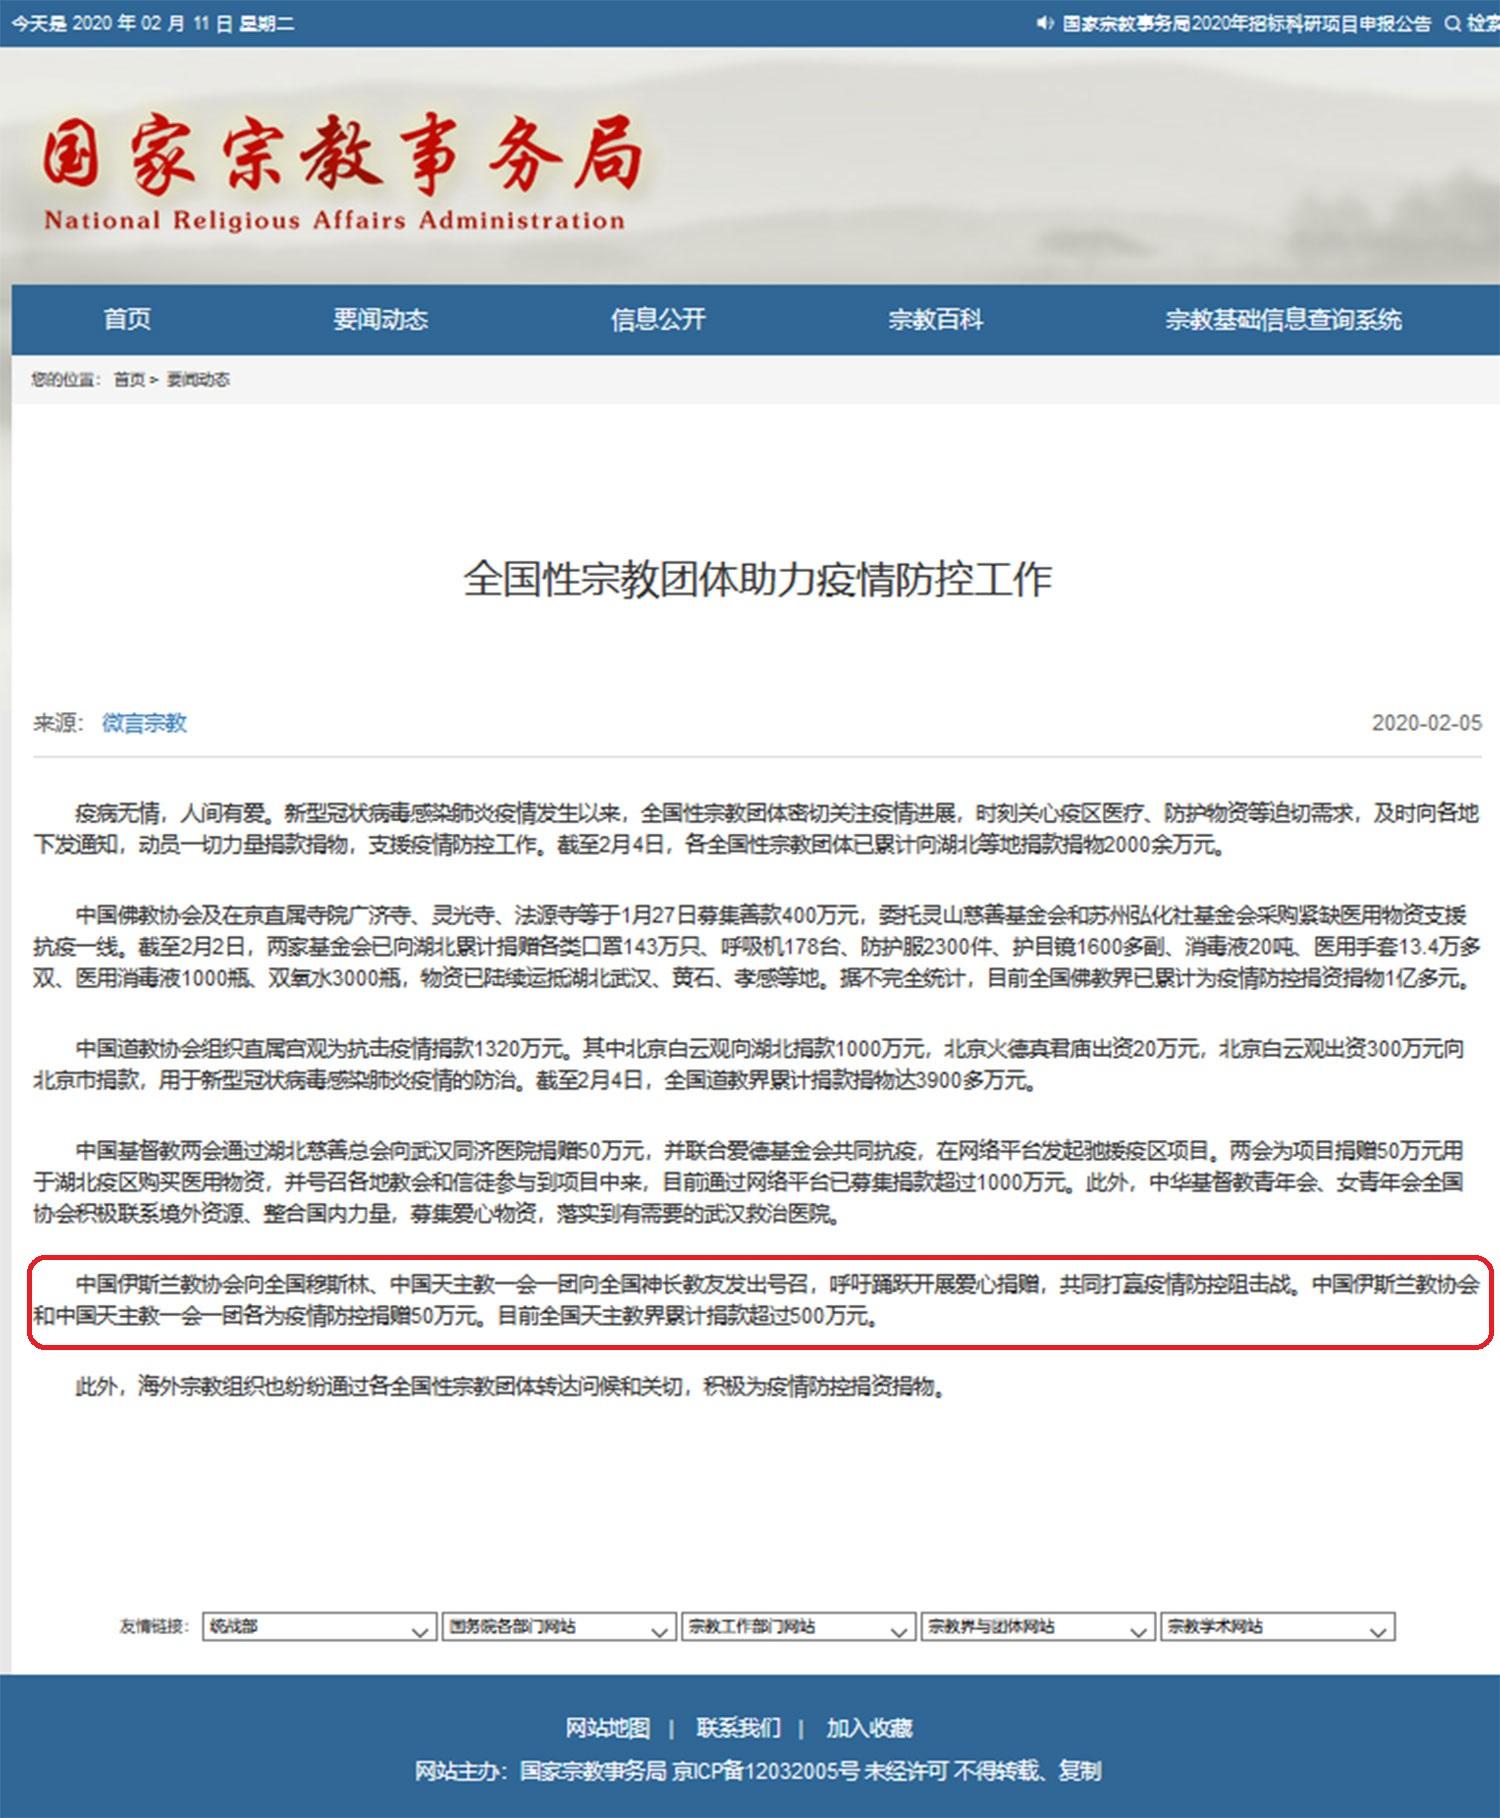 截至2020年02月10日,中国伊斯兰界捐款捐物累计超过四千万人民币。但是中国国家宗教局网站显示的依然是50万人民币。(网页截图)